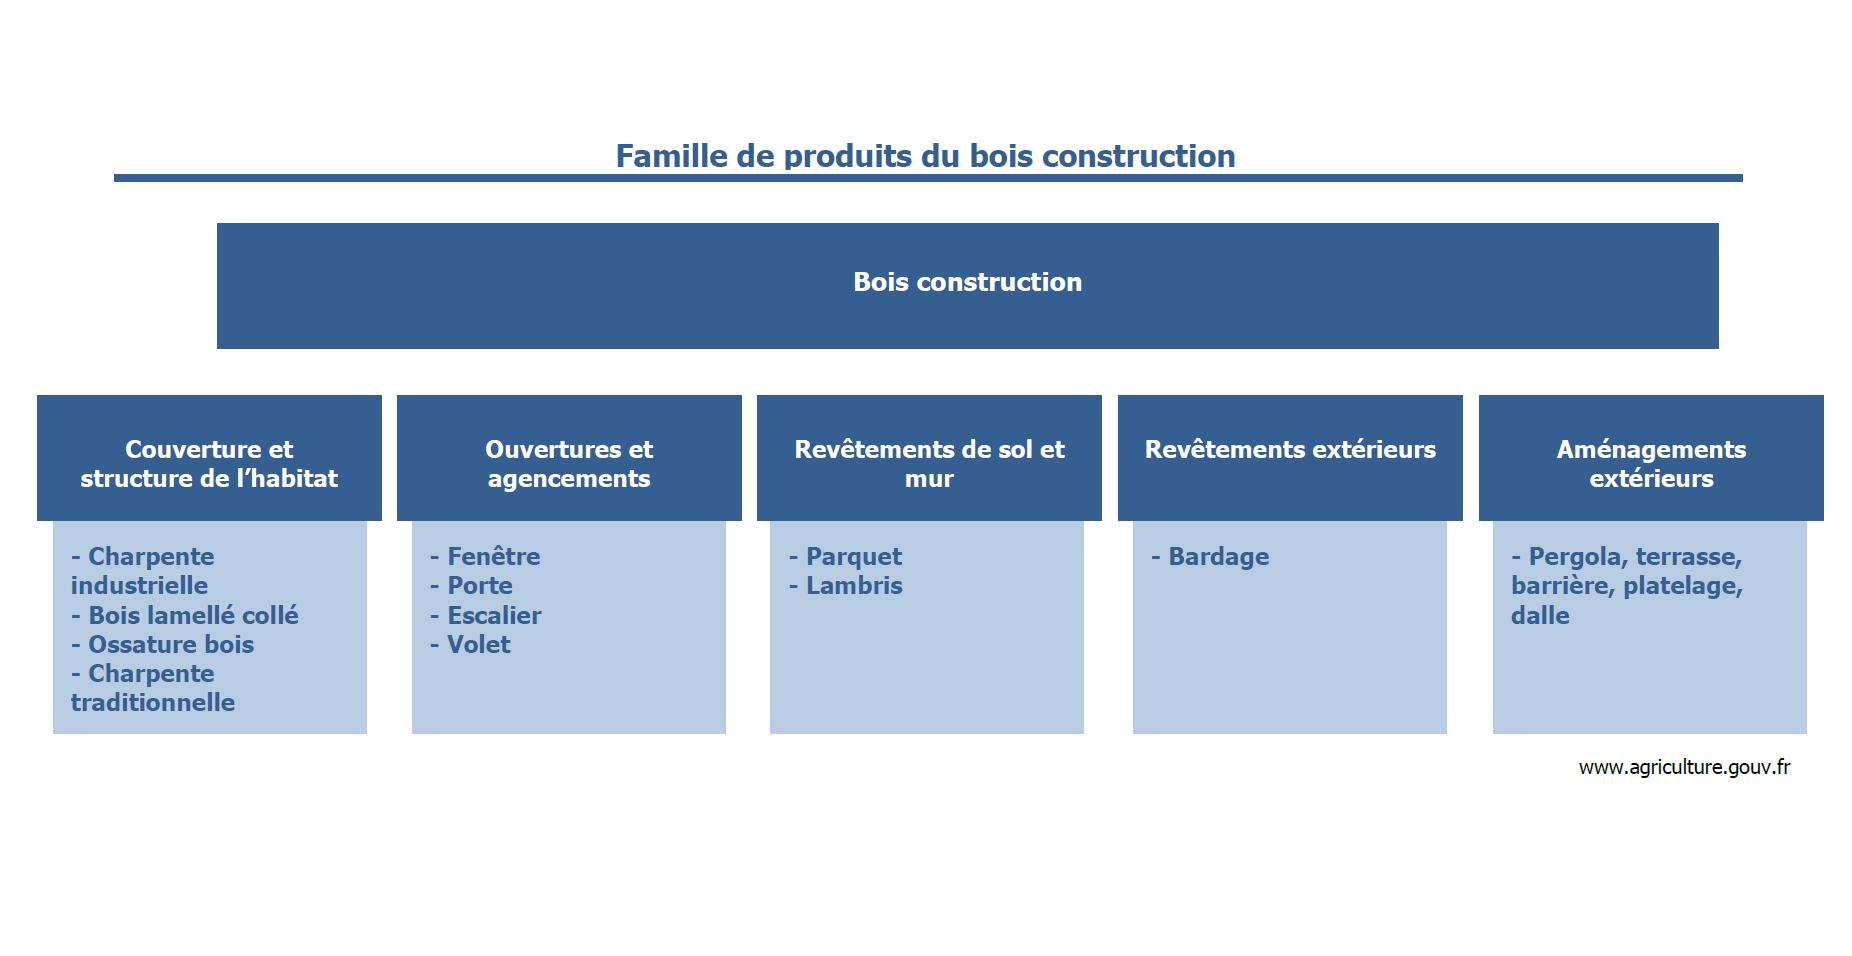 graph_famille_bois_construction